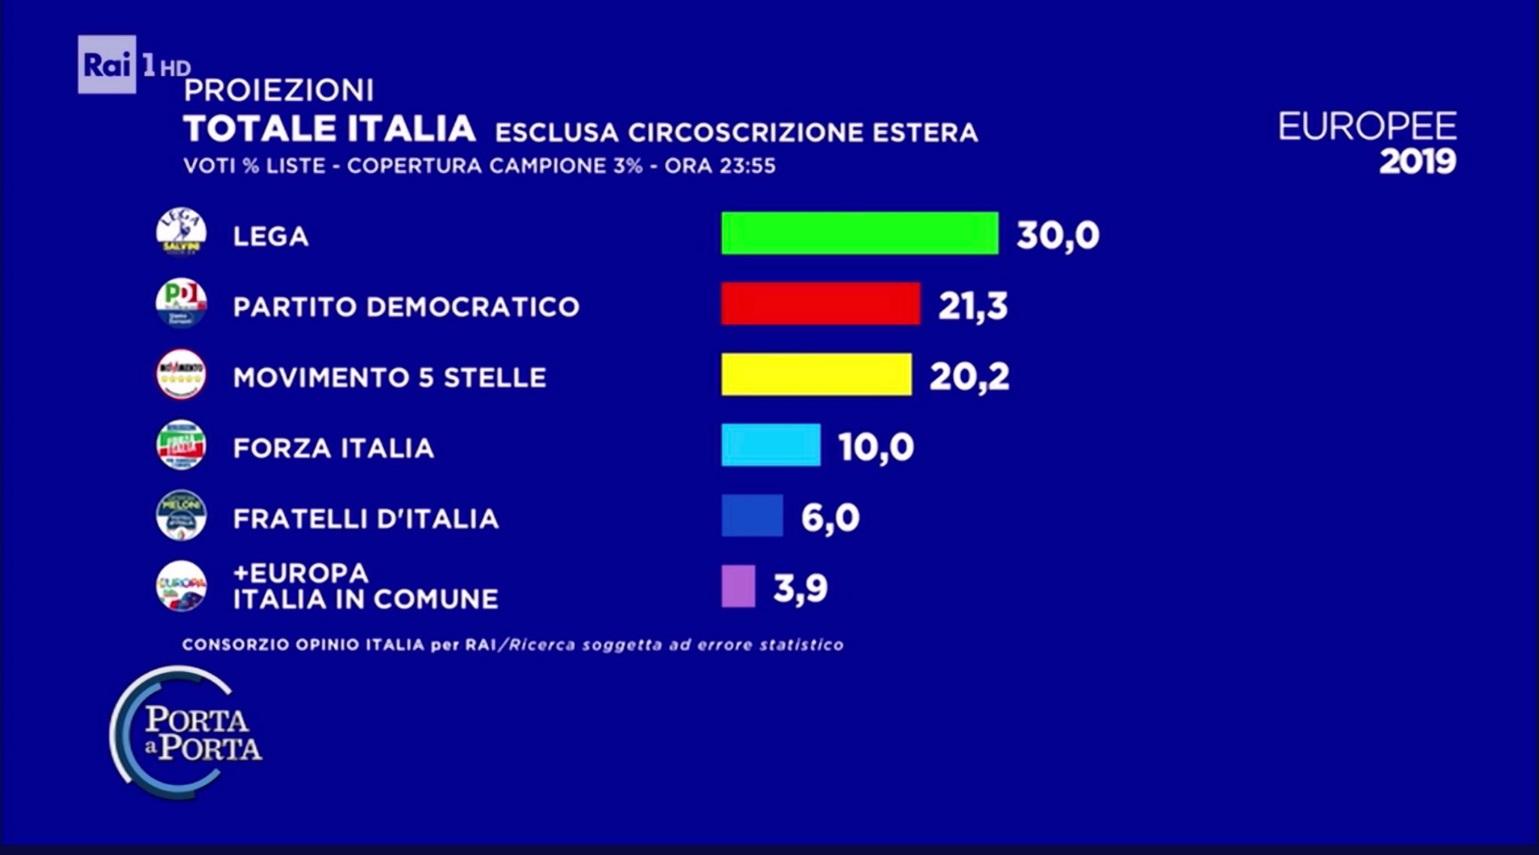 Elezioni europee 2019, proiezione Opinio per RAI: testa a testa M5S-PD